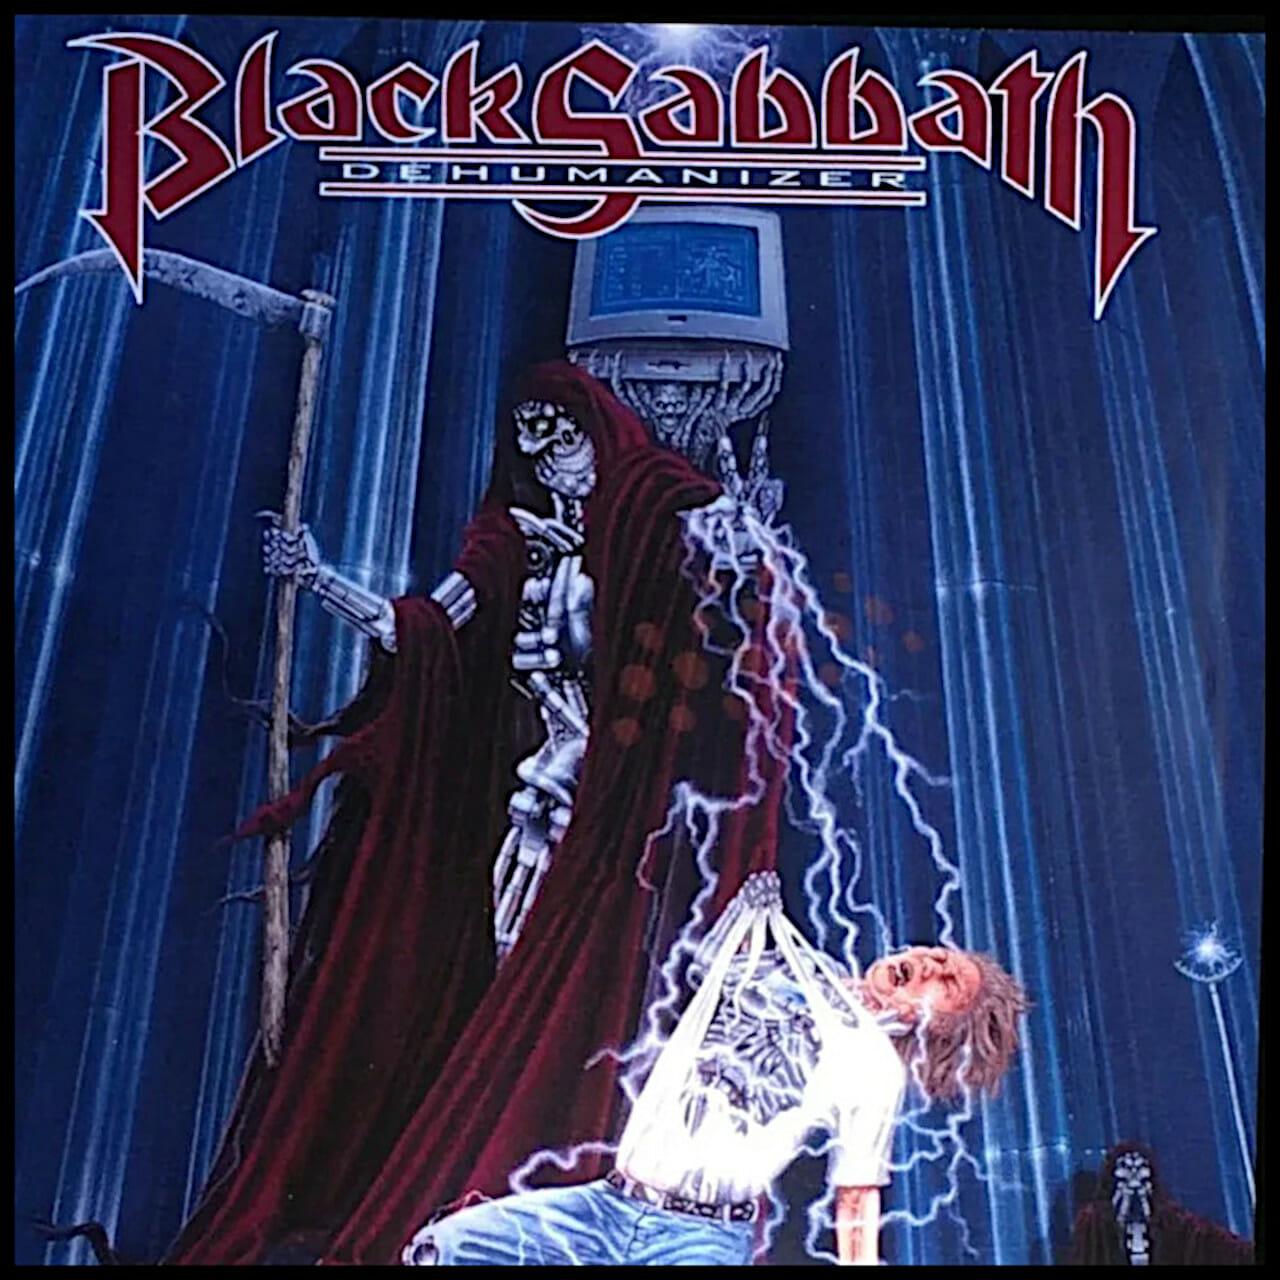 Black Sabbath - Deshumanizador